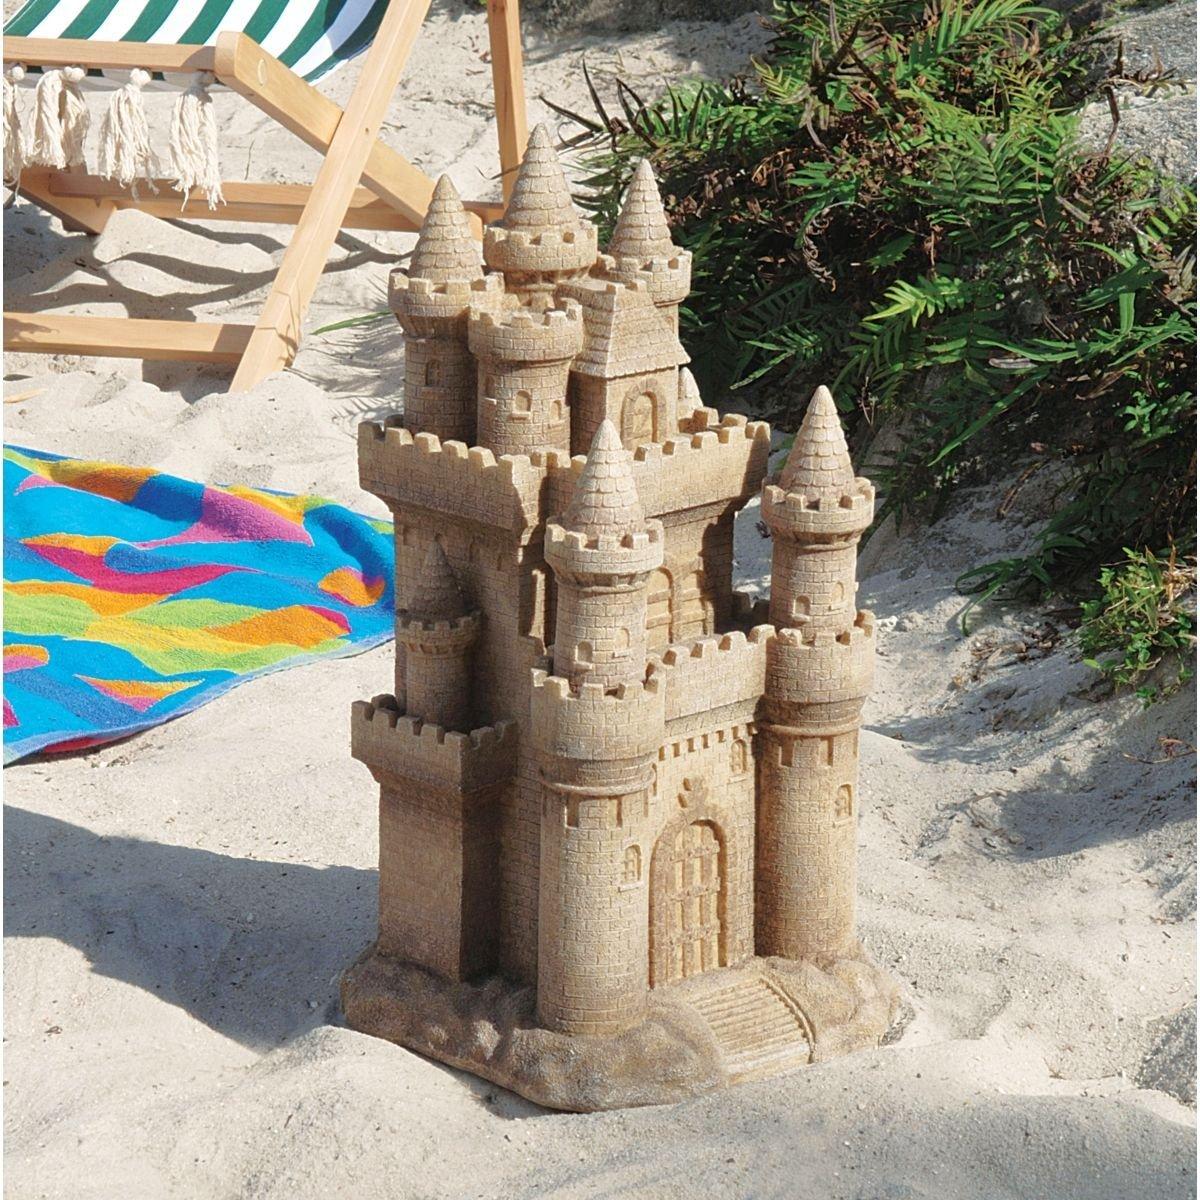 デザイン・トスカノ製 砂浜のお城 彫像 彫刻/Design Toscano Castle by the Sea Sculpture(輸入品